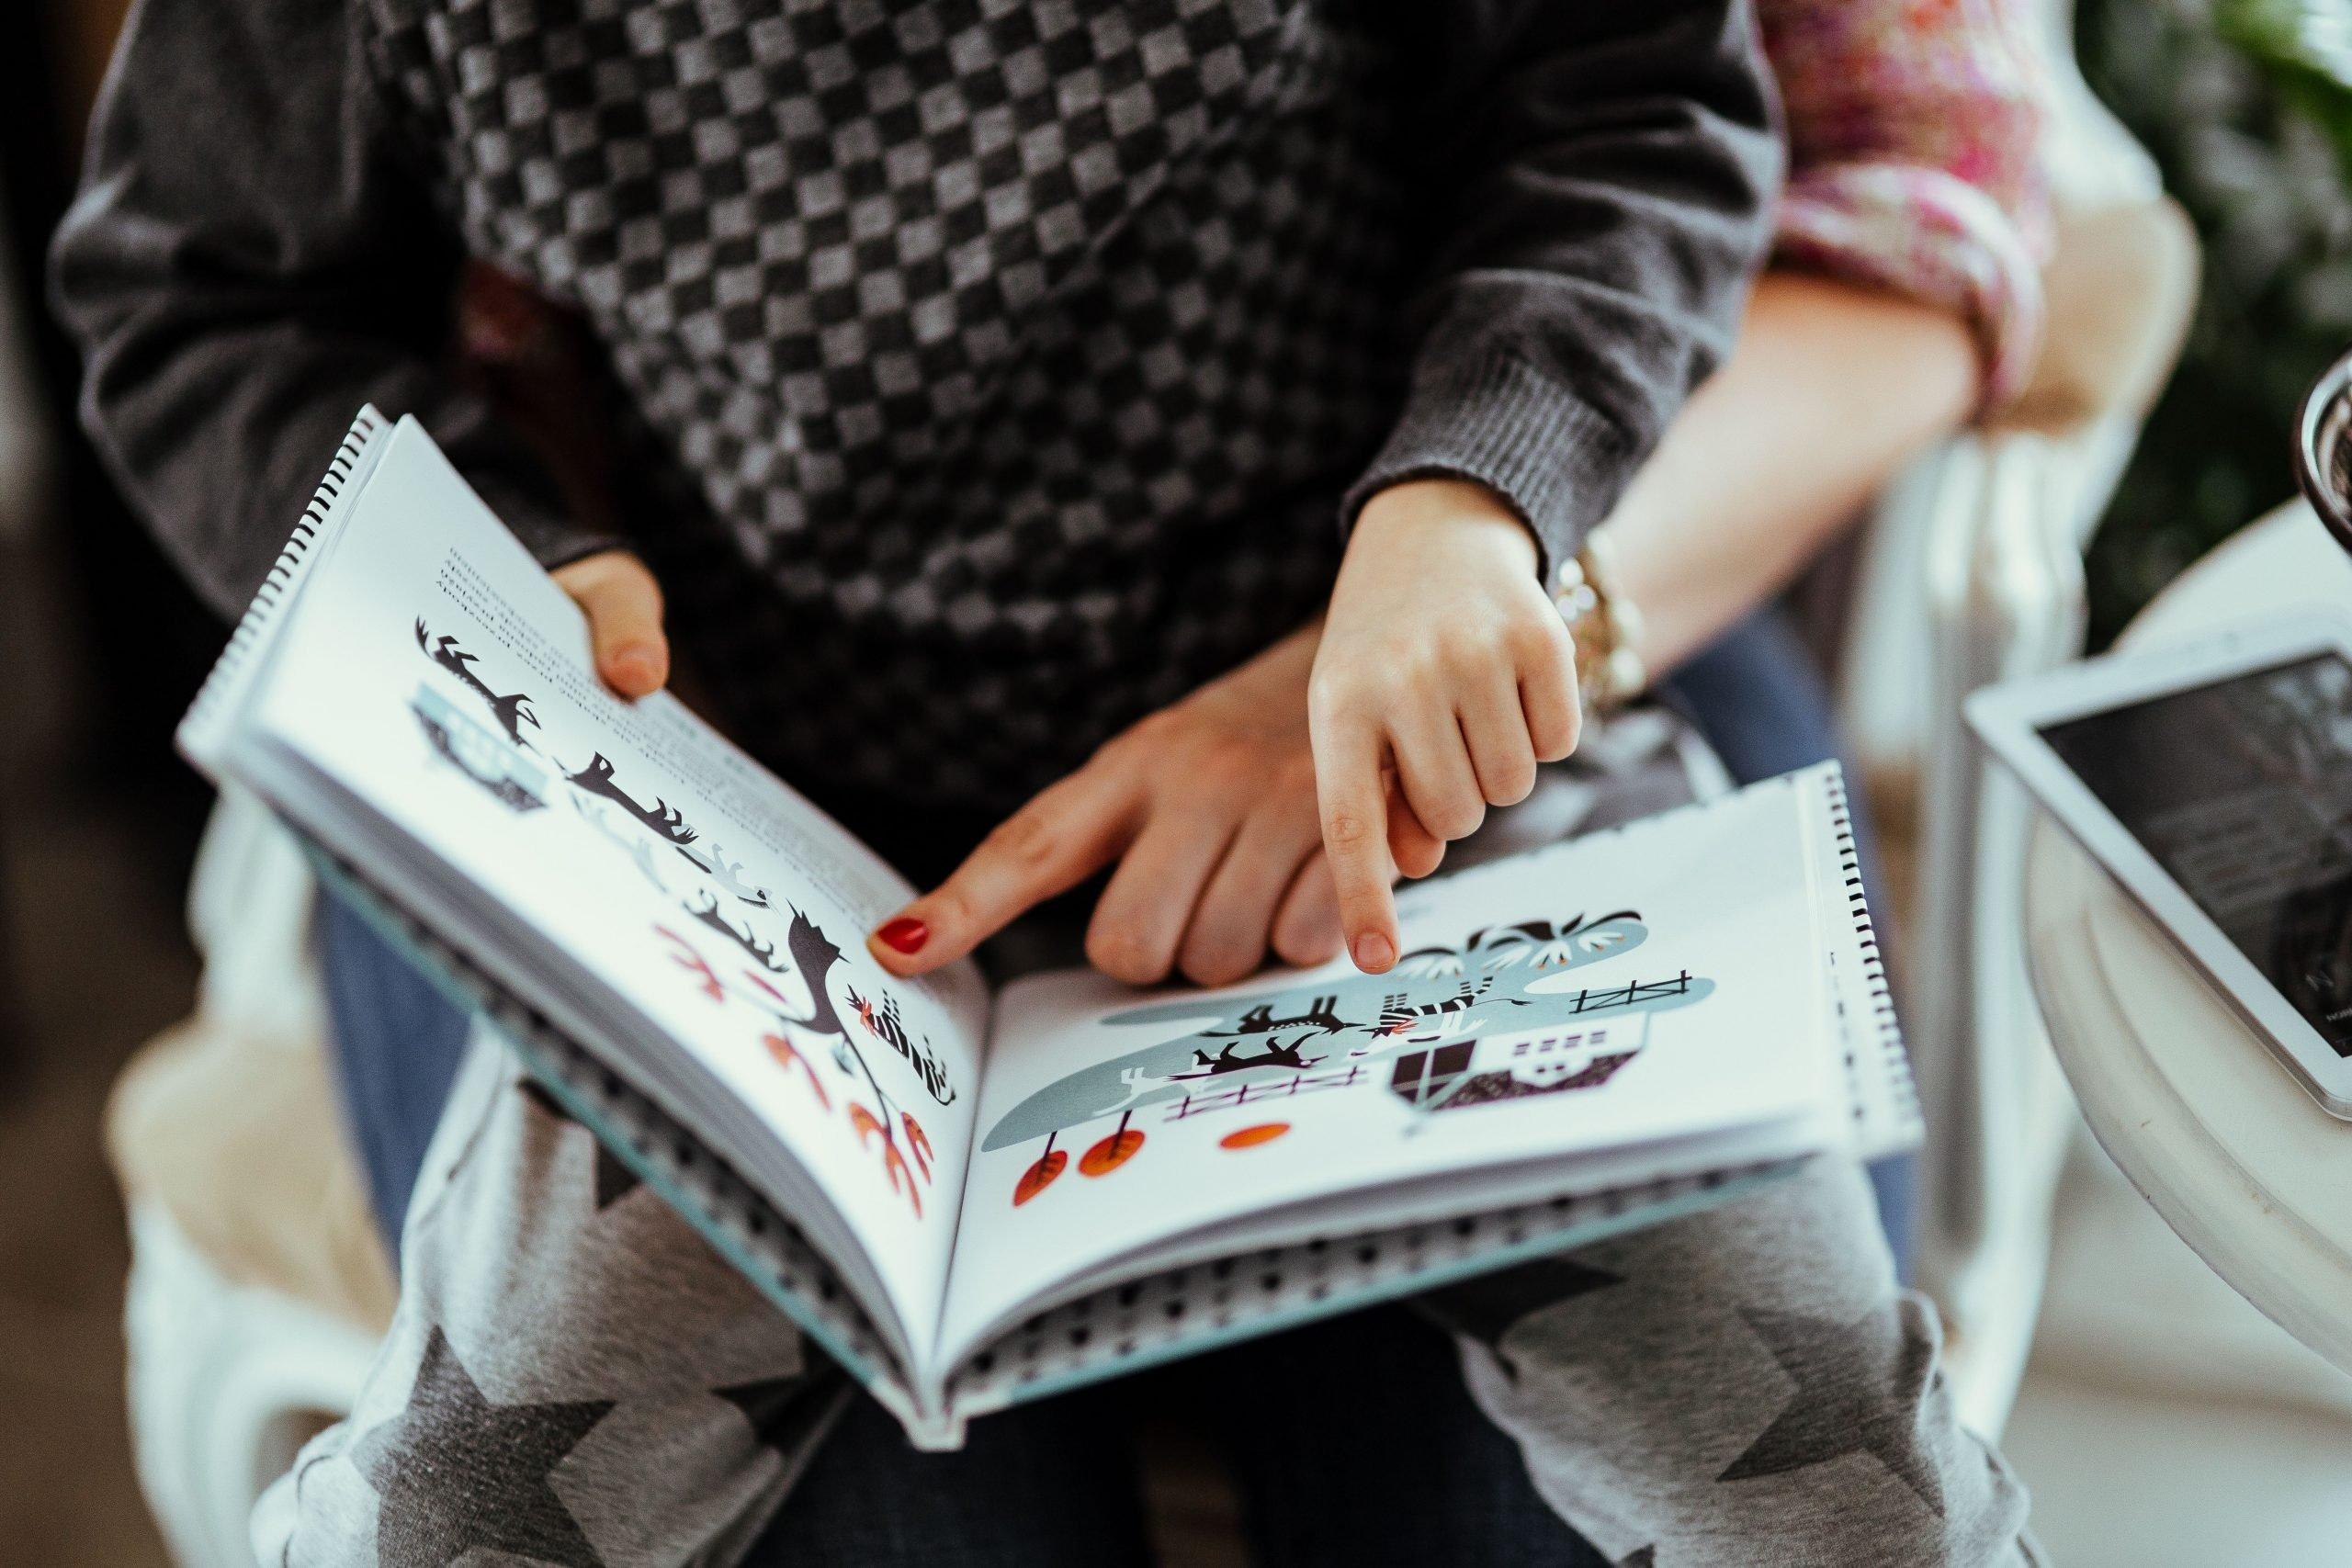 un bambino seduto sulle gambe di una donna mentre guardano un libro